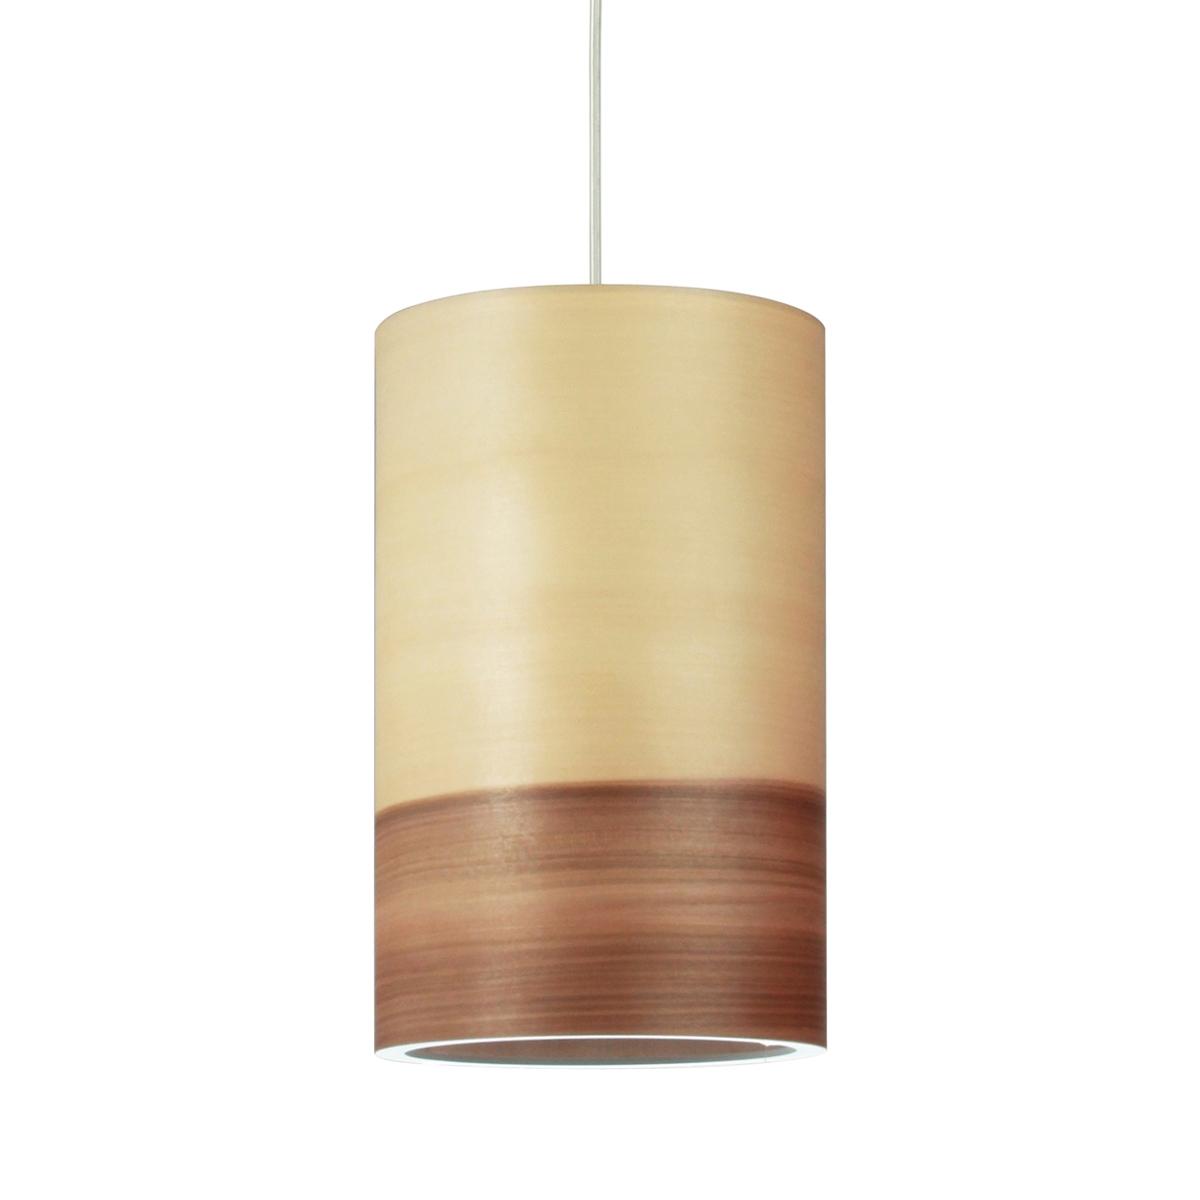 minimalistische pendelleuchte mit zylinderschirm aus holz. Black Bedroom Furniture Sets. Home Design Ideas